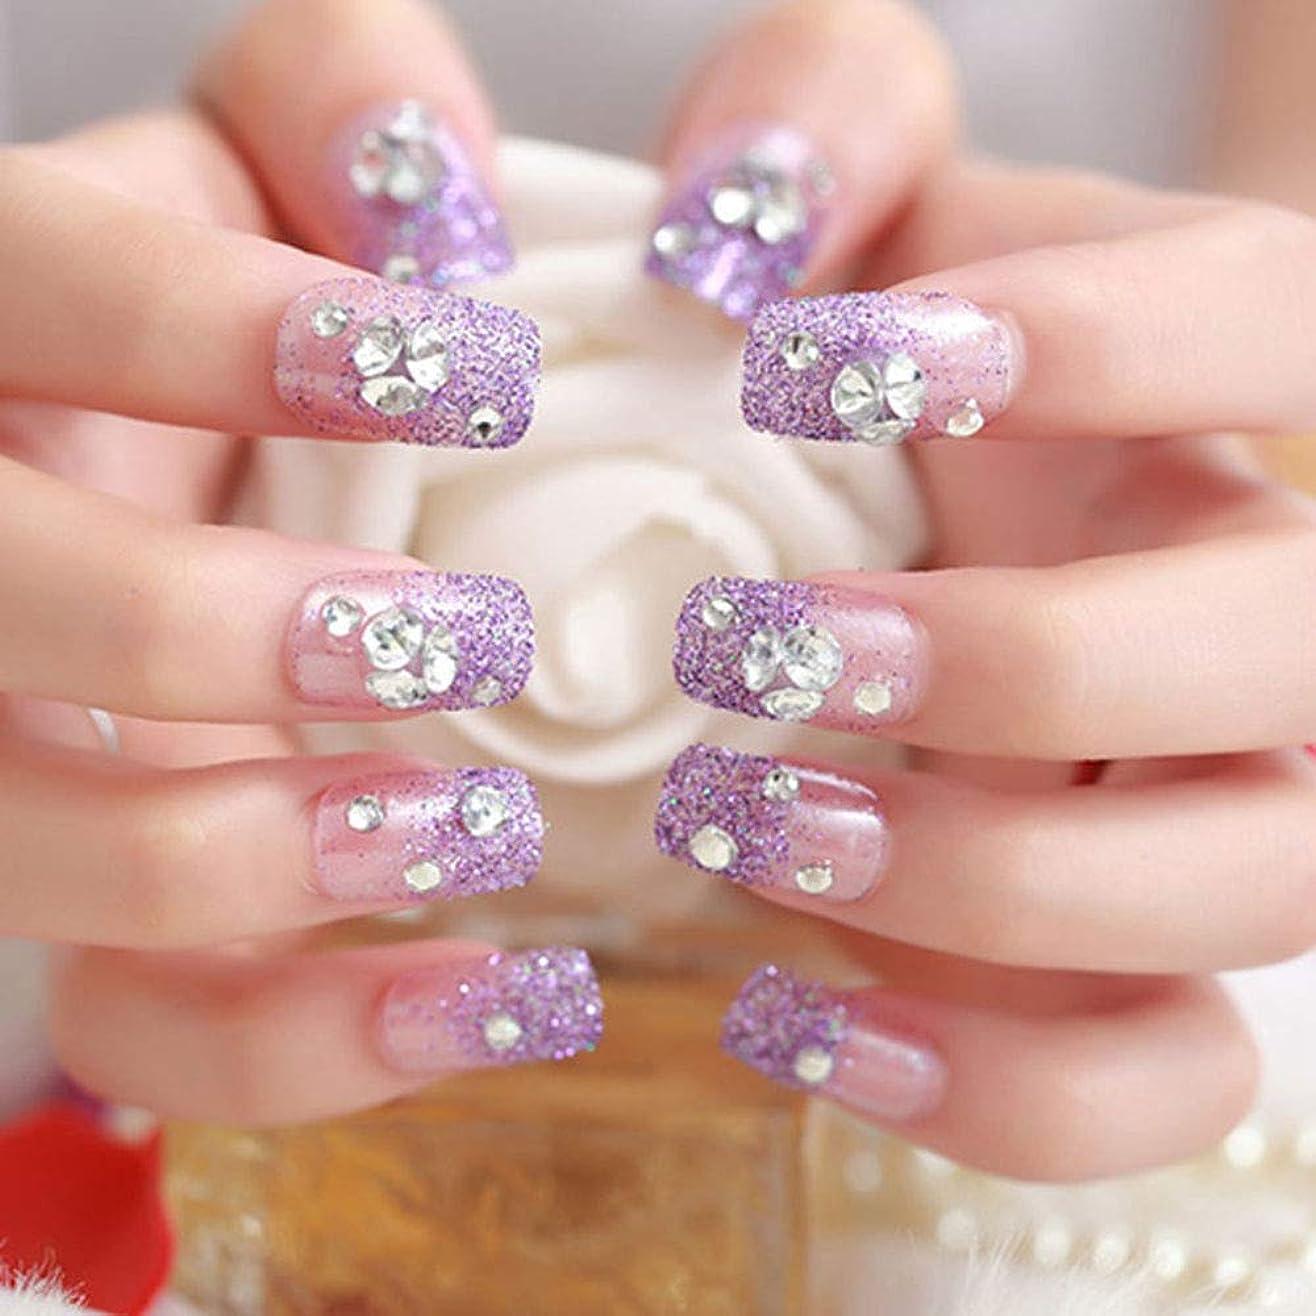 熟達退屈鋸歯状XUTXZKA キラキラ人工爪紫色の輝くラインストーン結婚式の花嫁のネイルアートフェイクネイル